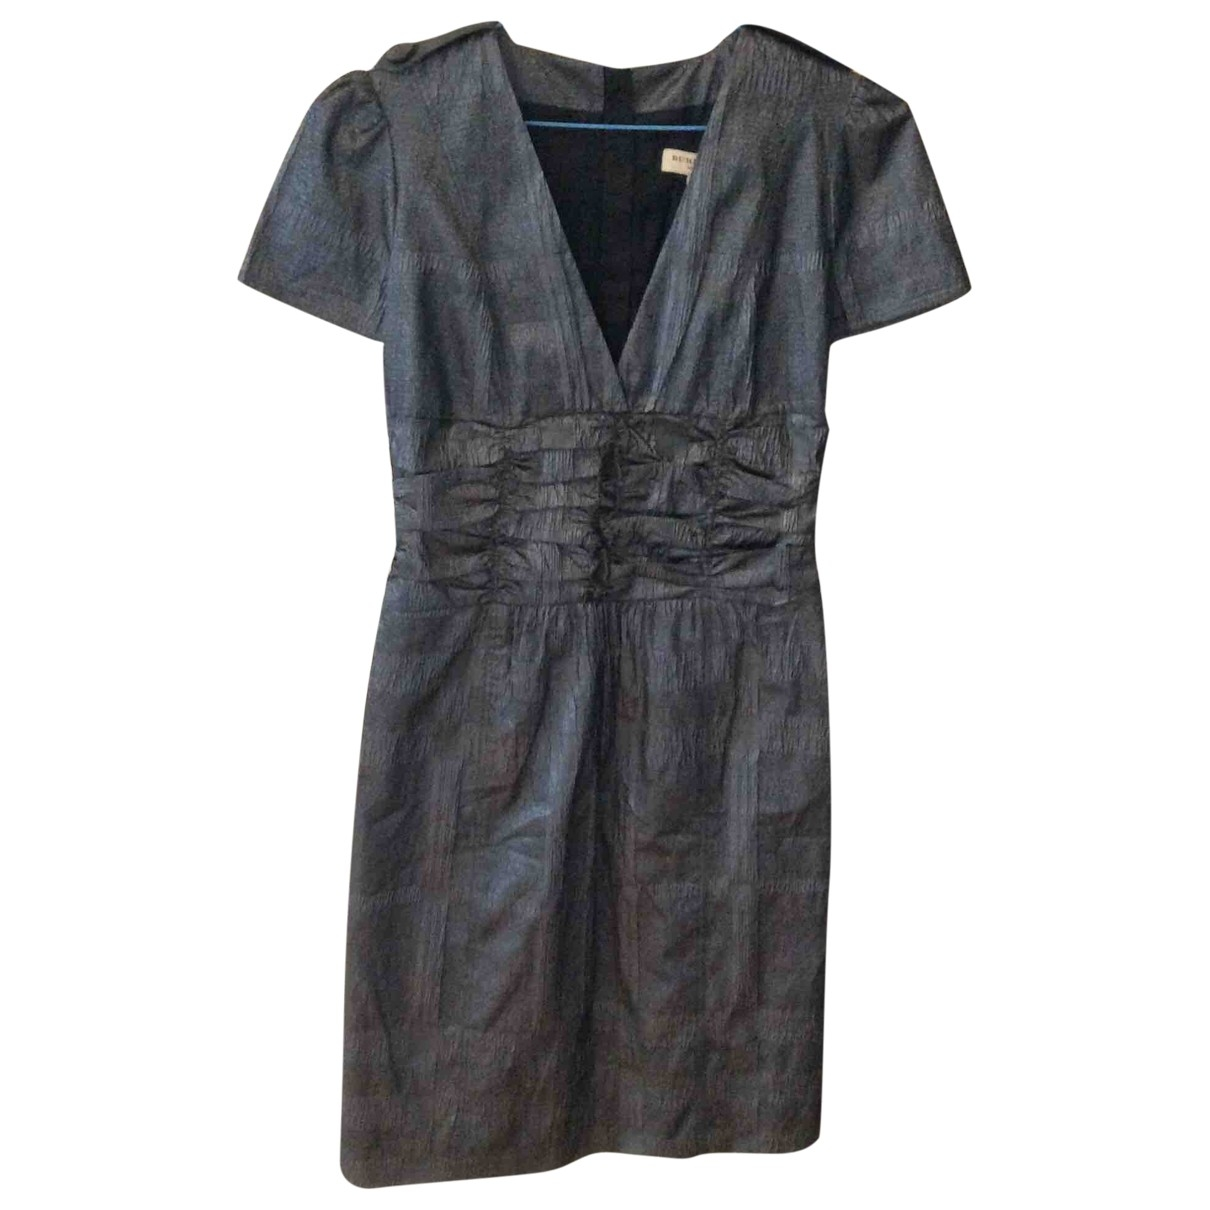 Burberry \N Kleid in  Grau Polyester